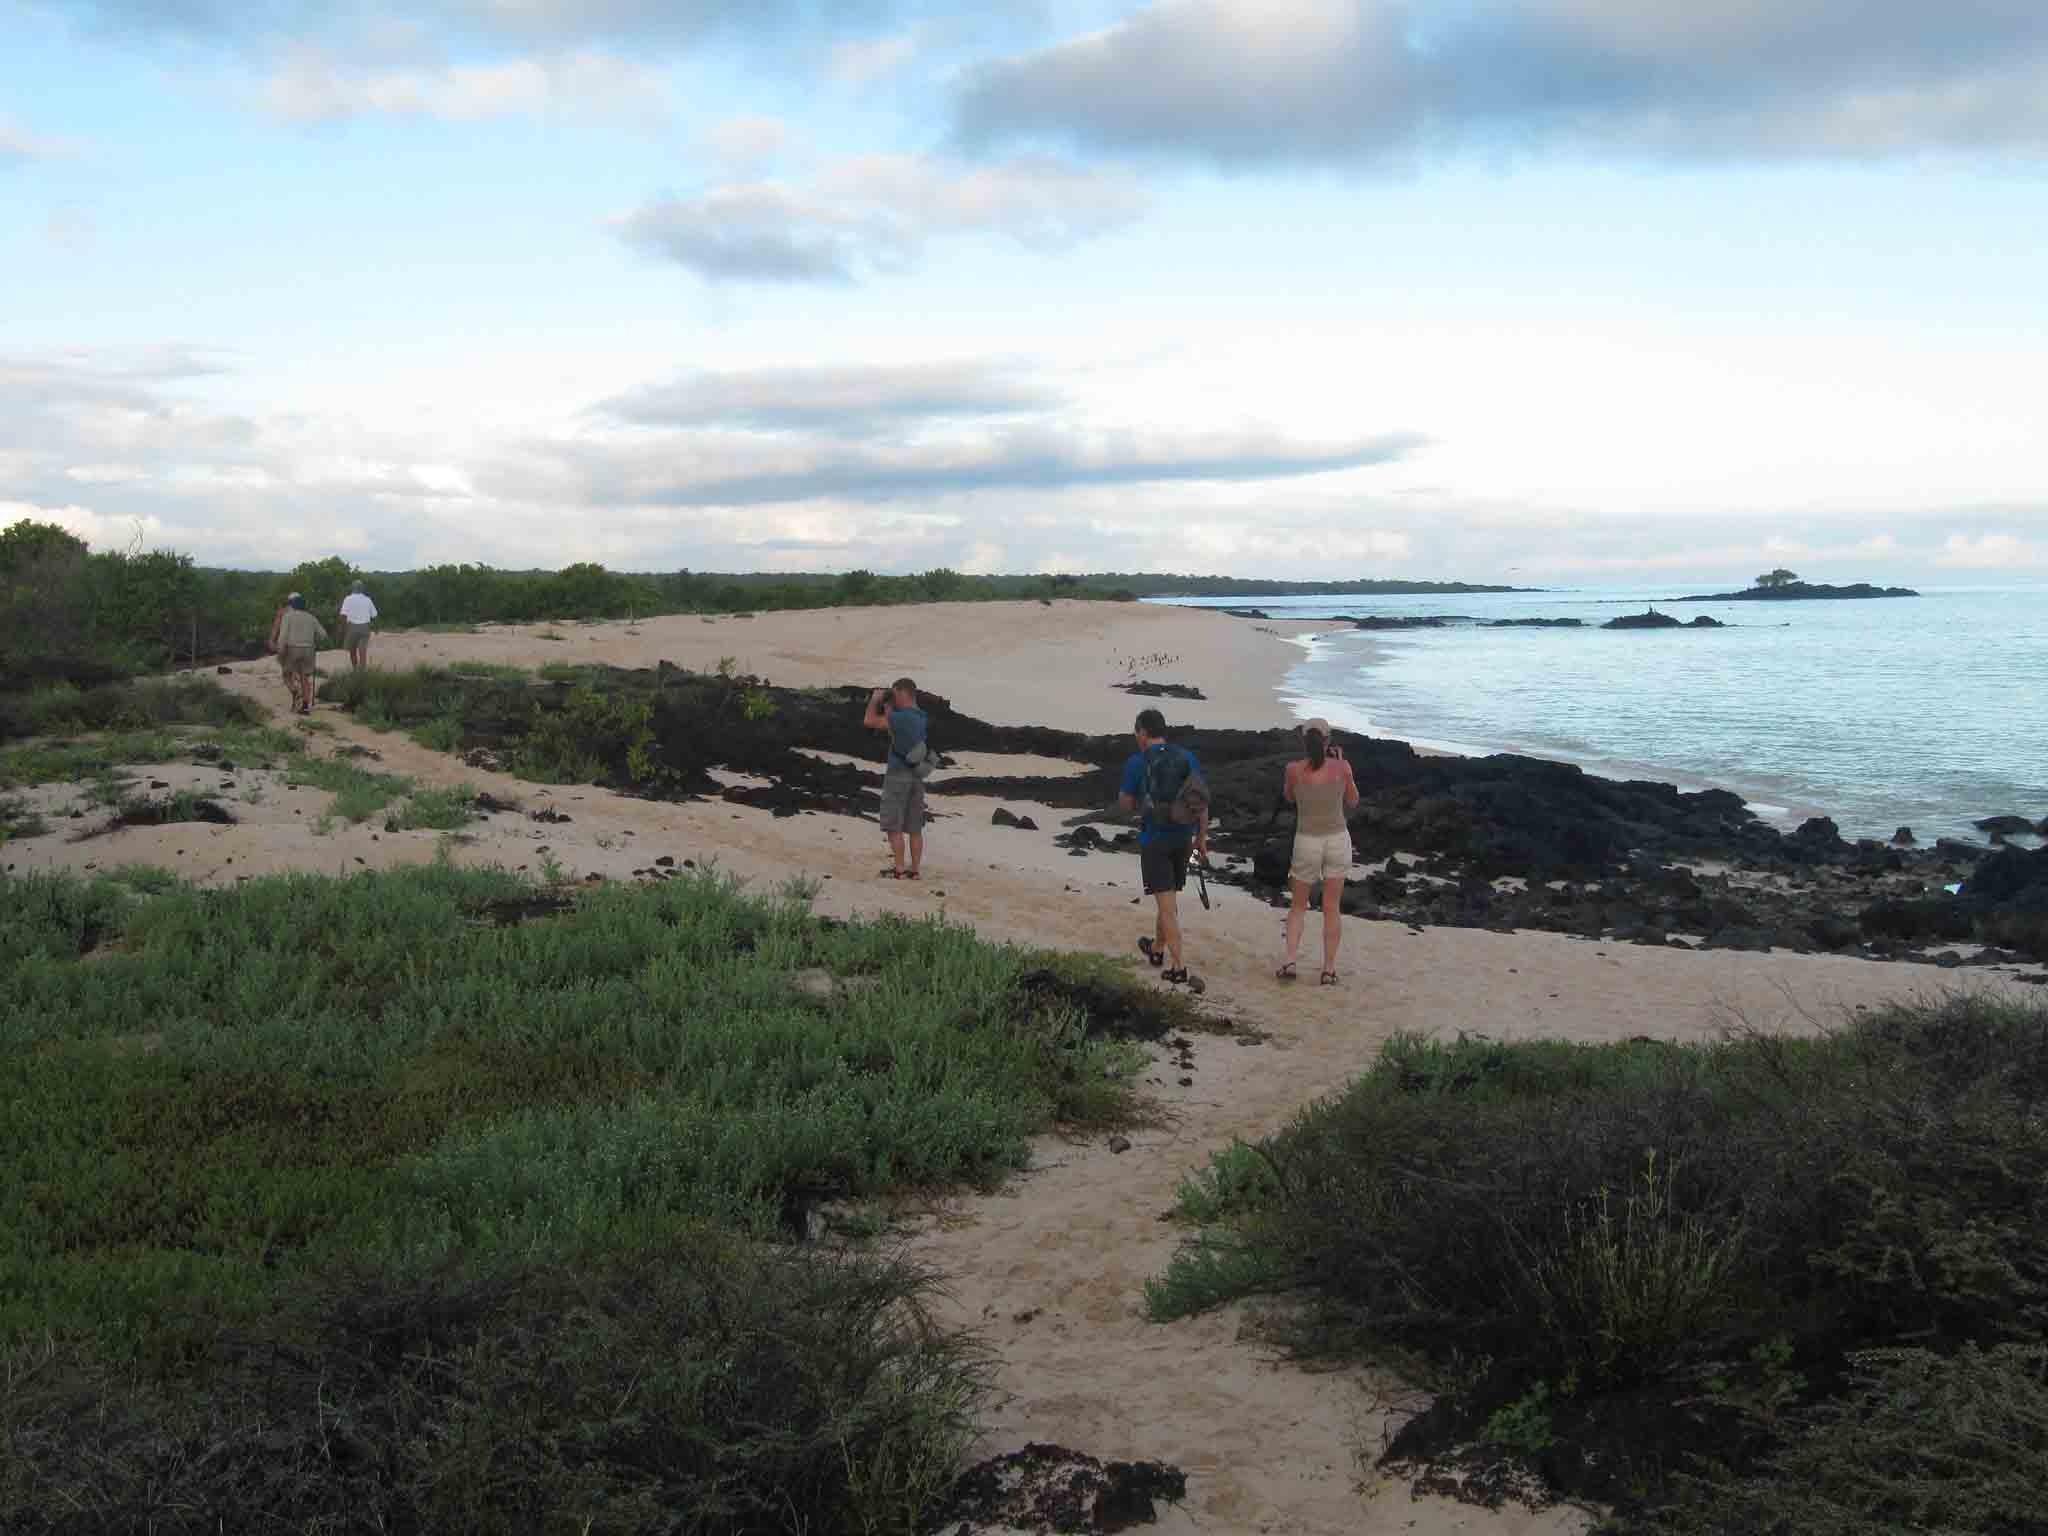 Galapagos geschichte - Anwesenheit der Menschen